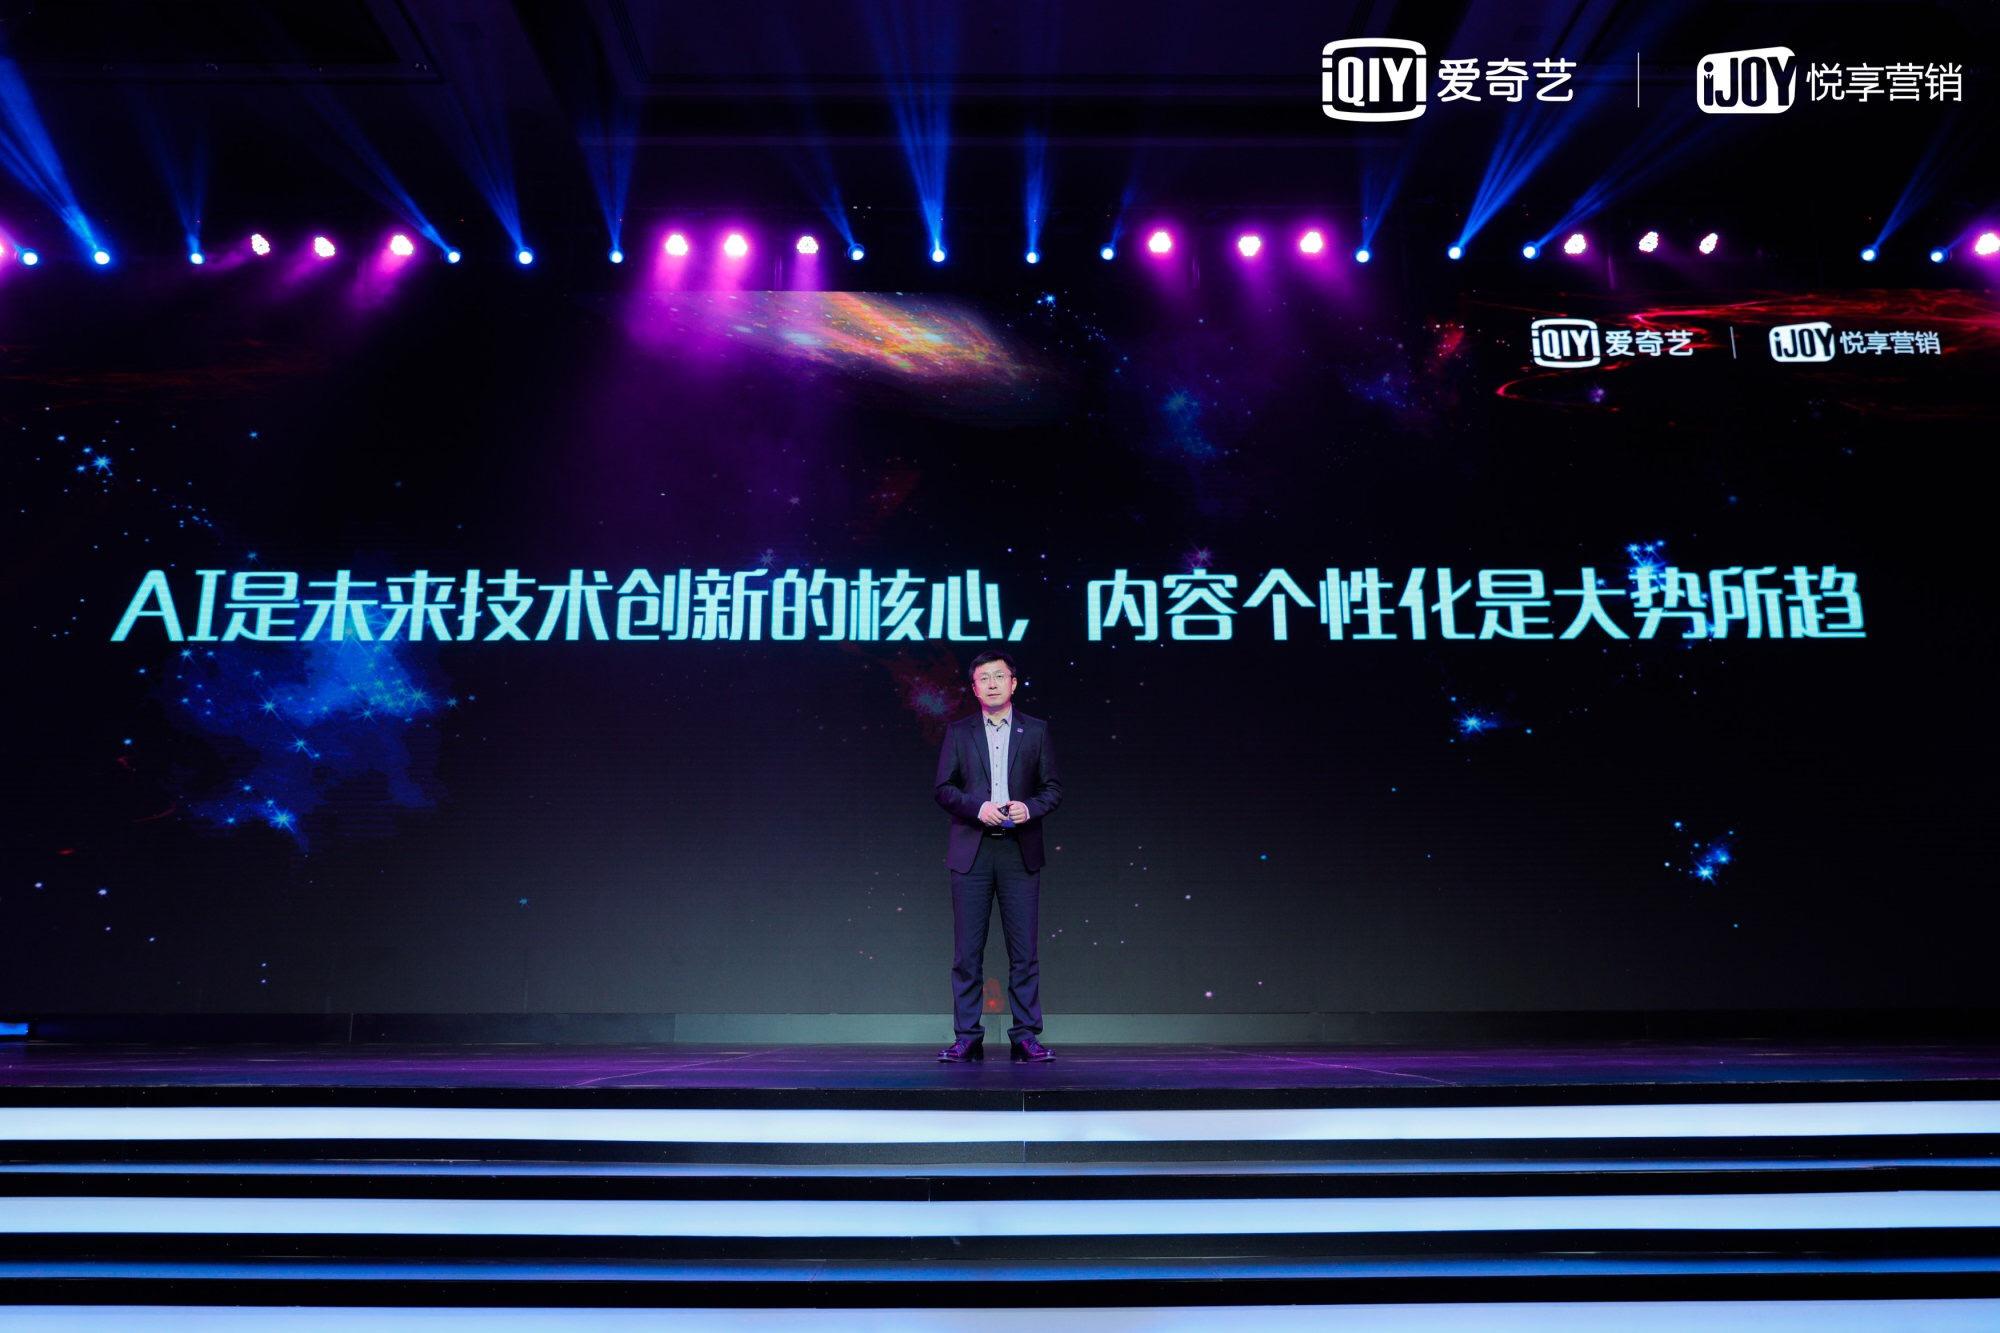 """龚宇如何带爱奇艺""""走花路"""":坚持AI技术创新"""